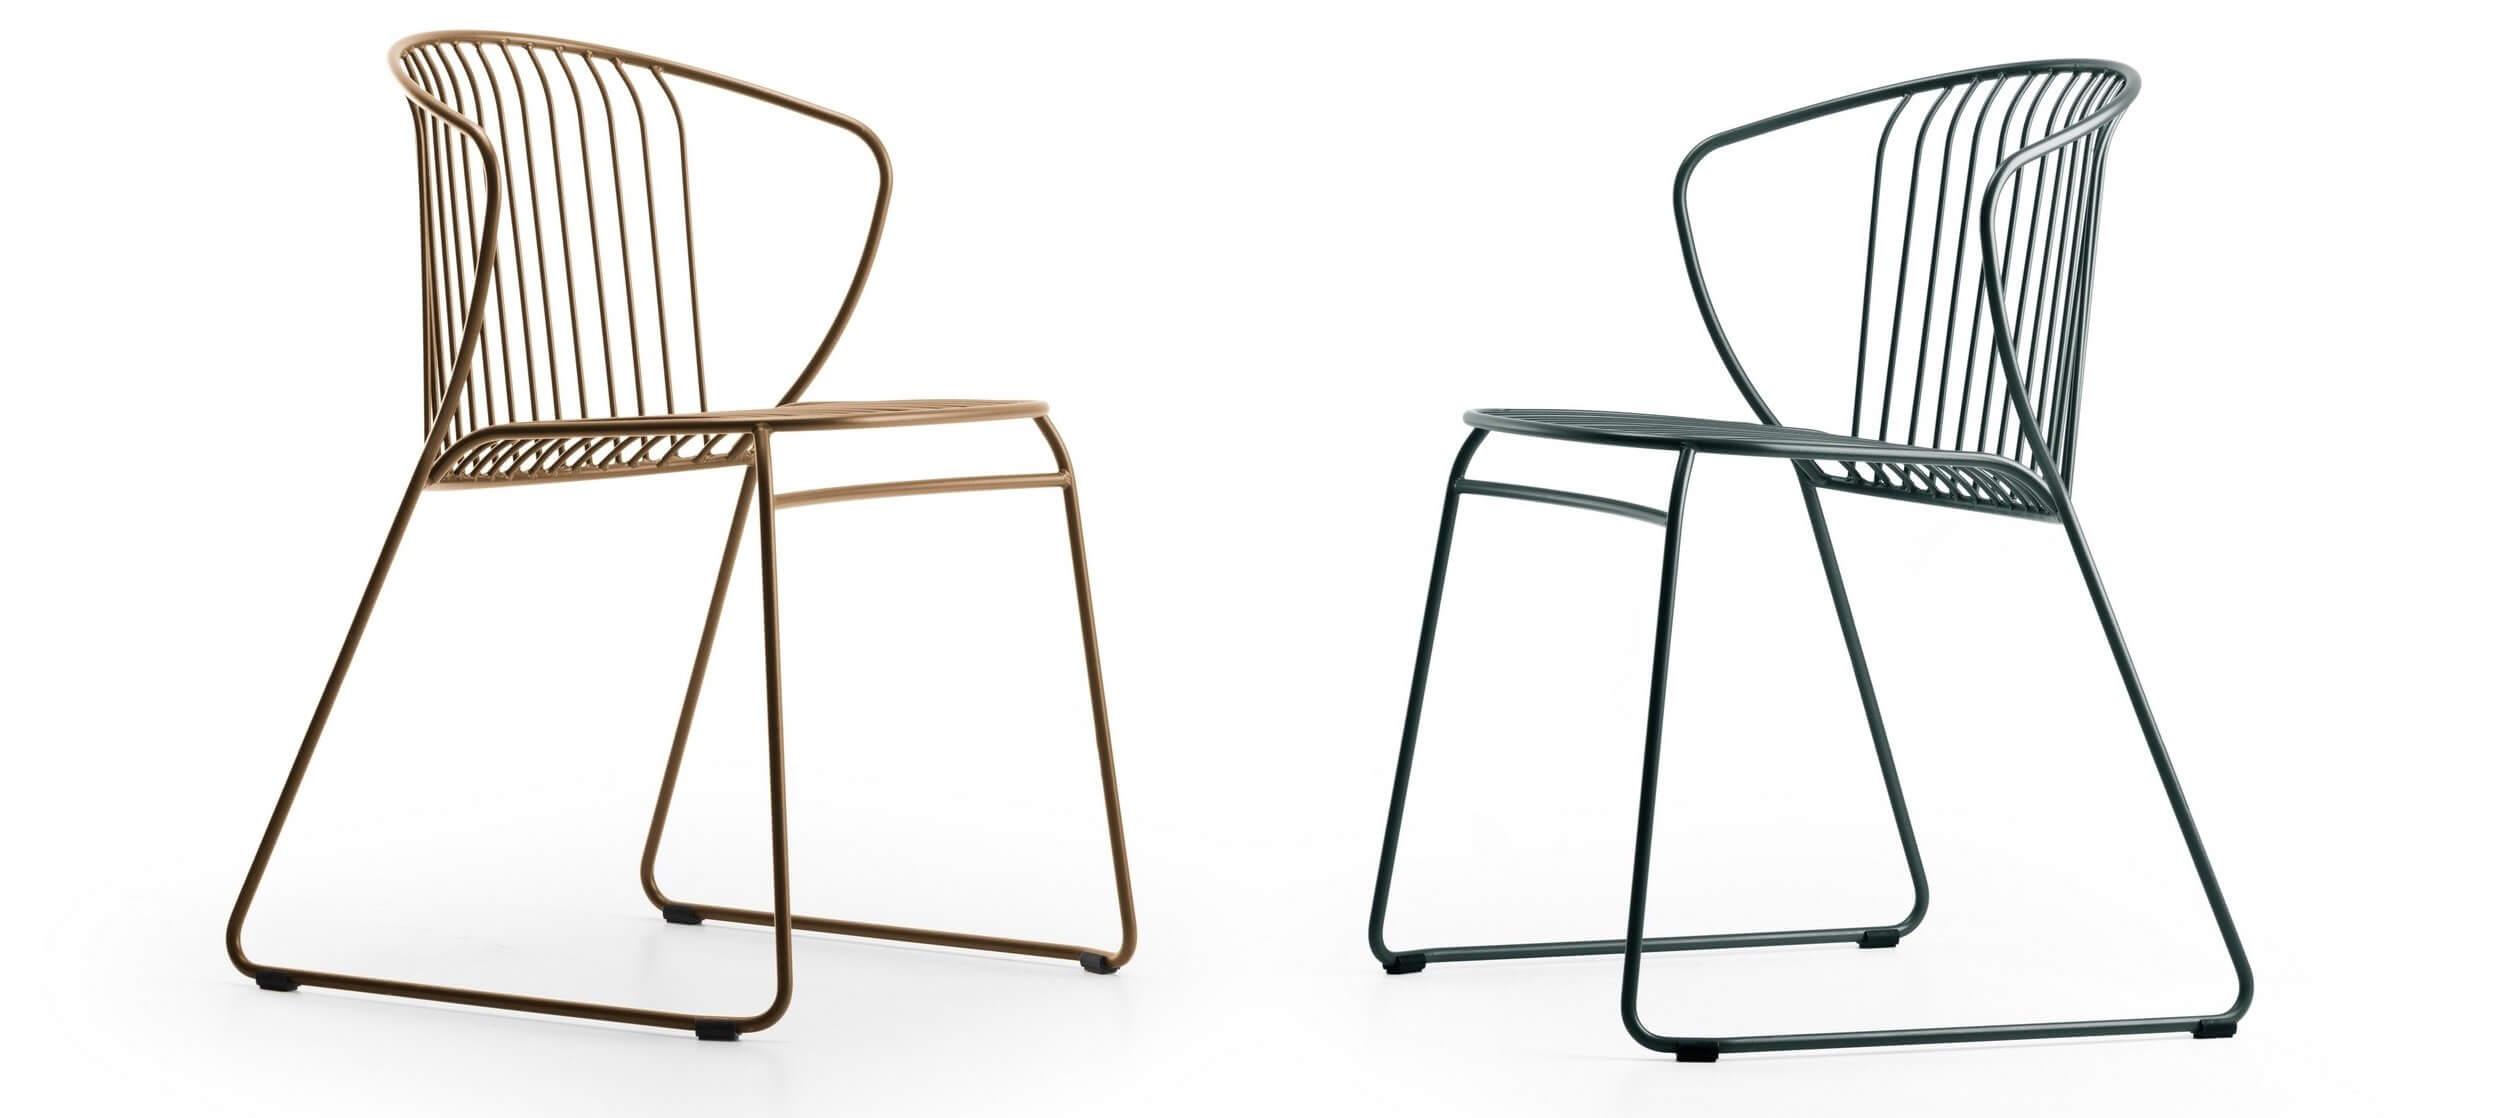 Chaise design en métal pour extérieur NOT OUT.